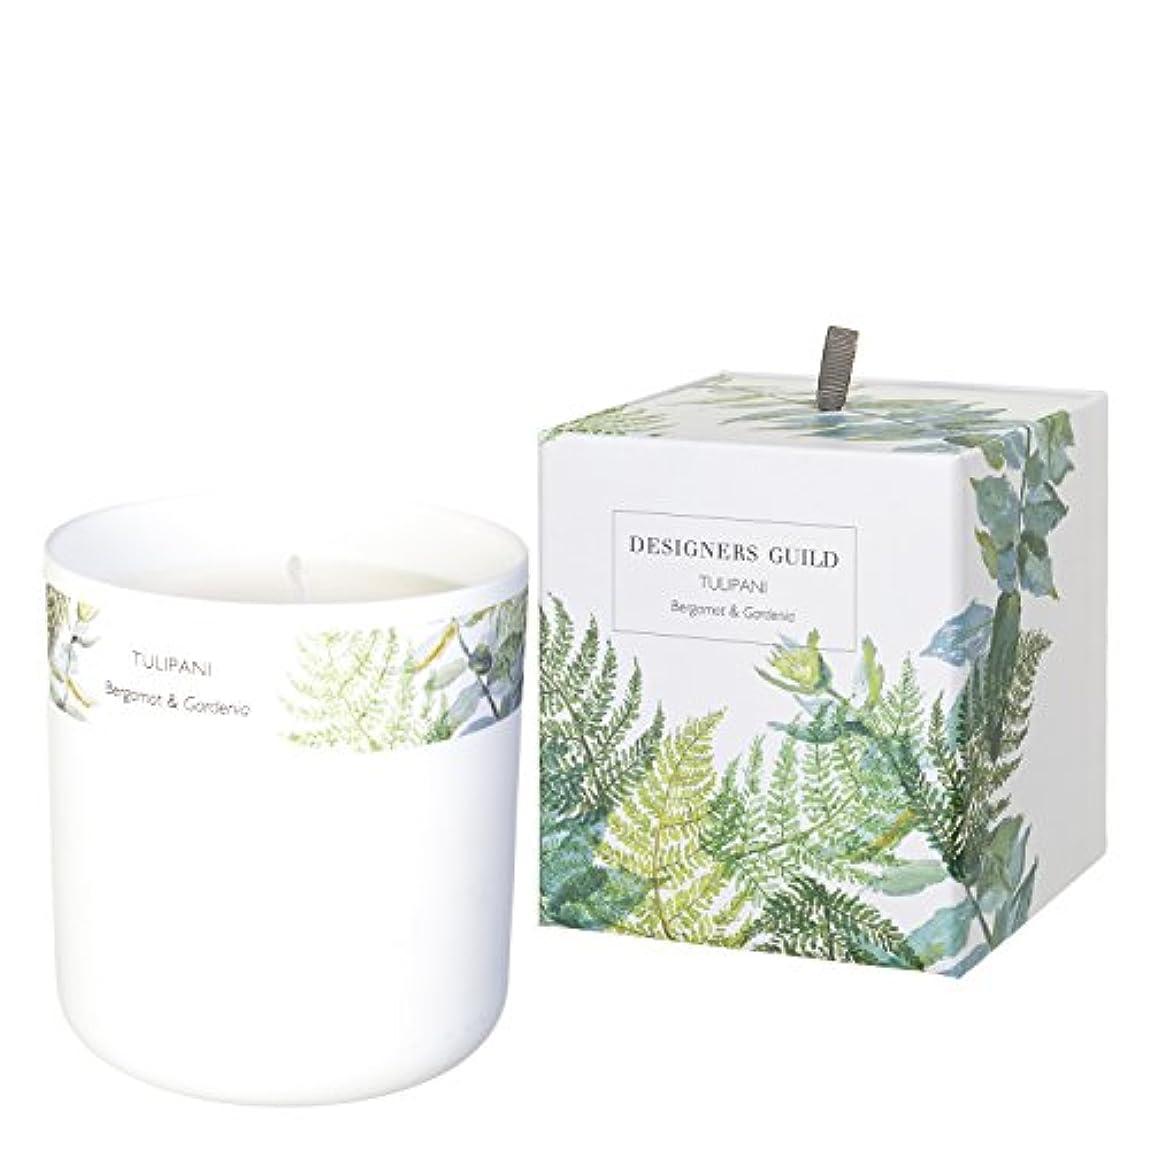 ラウズ例無駄なDESIGNERS GUILD キャンドル TULIPANI - Bergamot & Gardenia